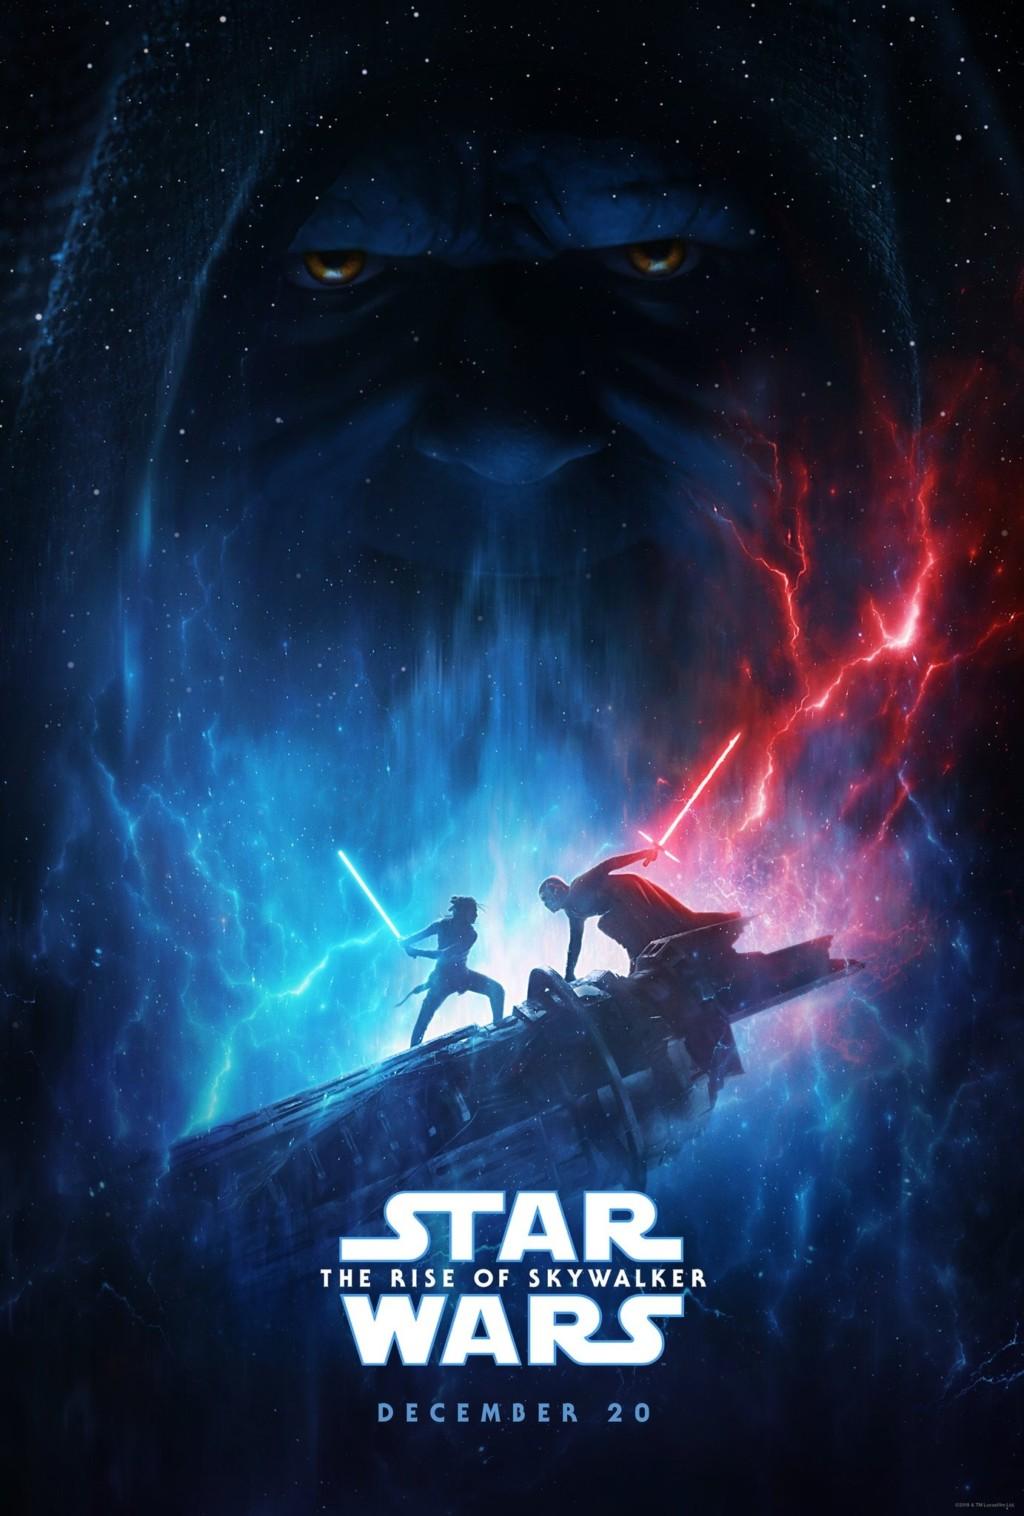 傳奇終章《星際大戰9》預售開賣!一小時就破《復仇者4》紀錄 粉絲:看預告就想哭